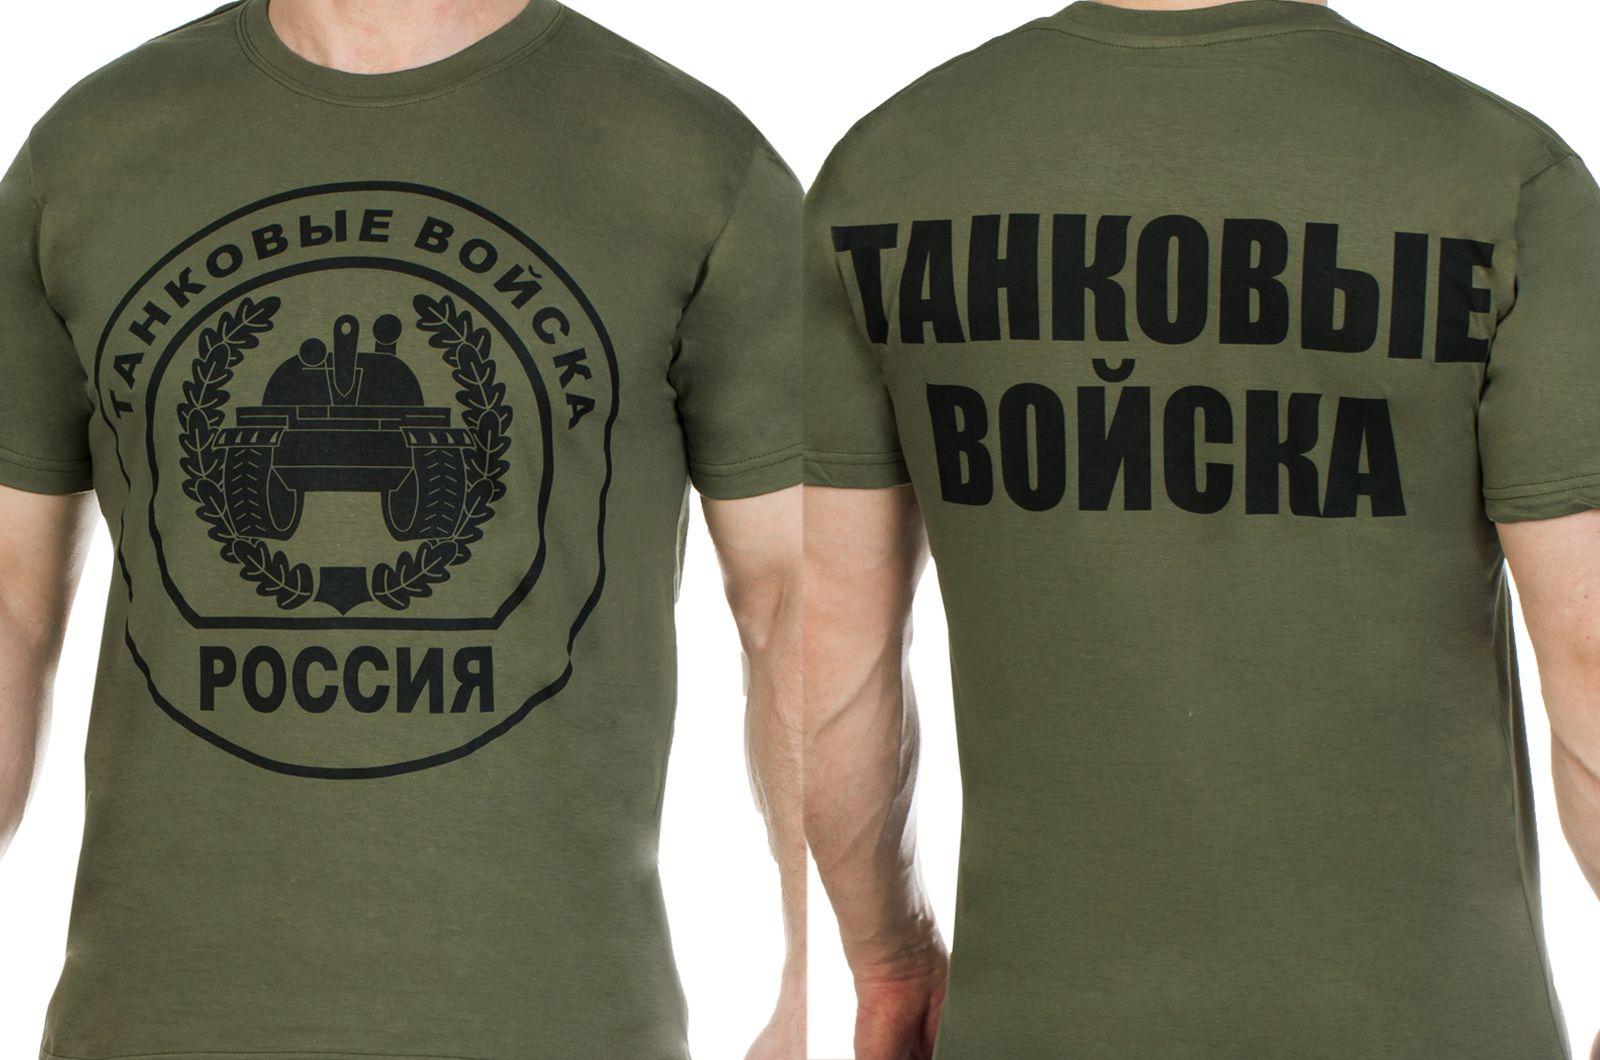 Заказать футболки с эмблемой Танковых войск